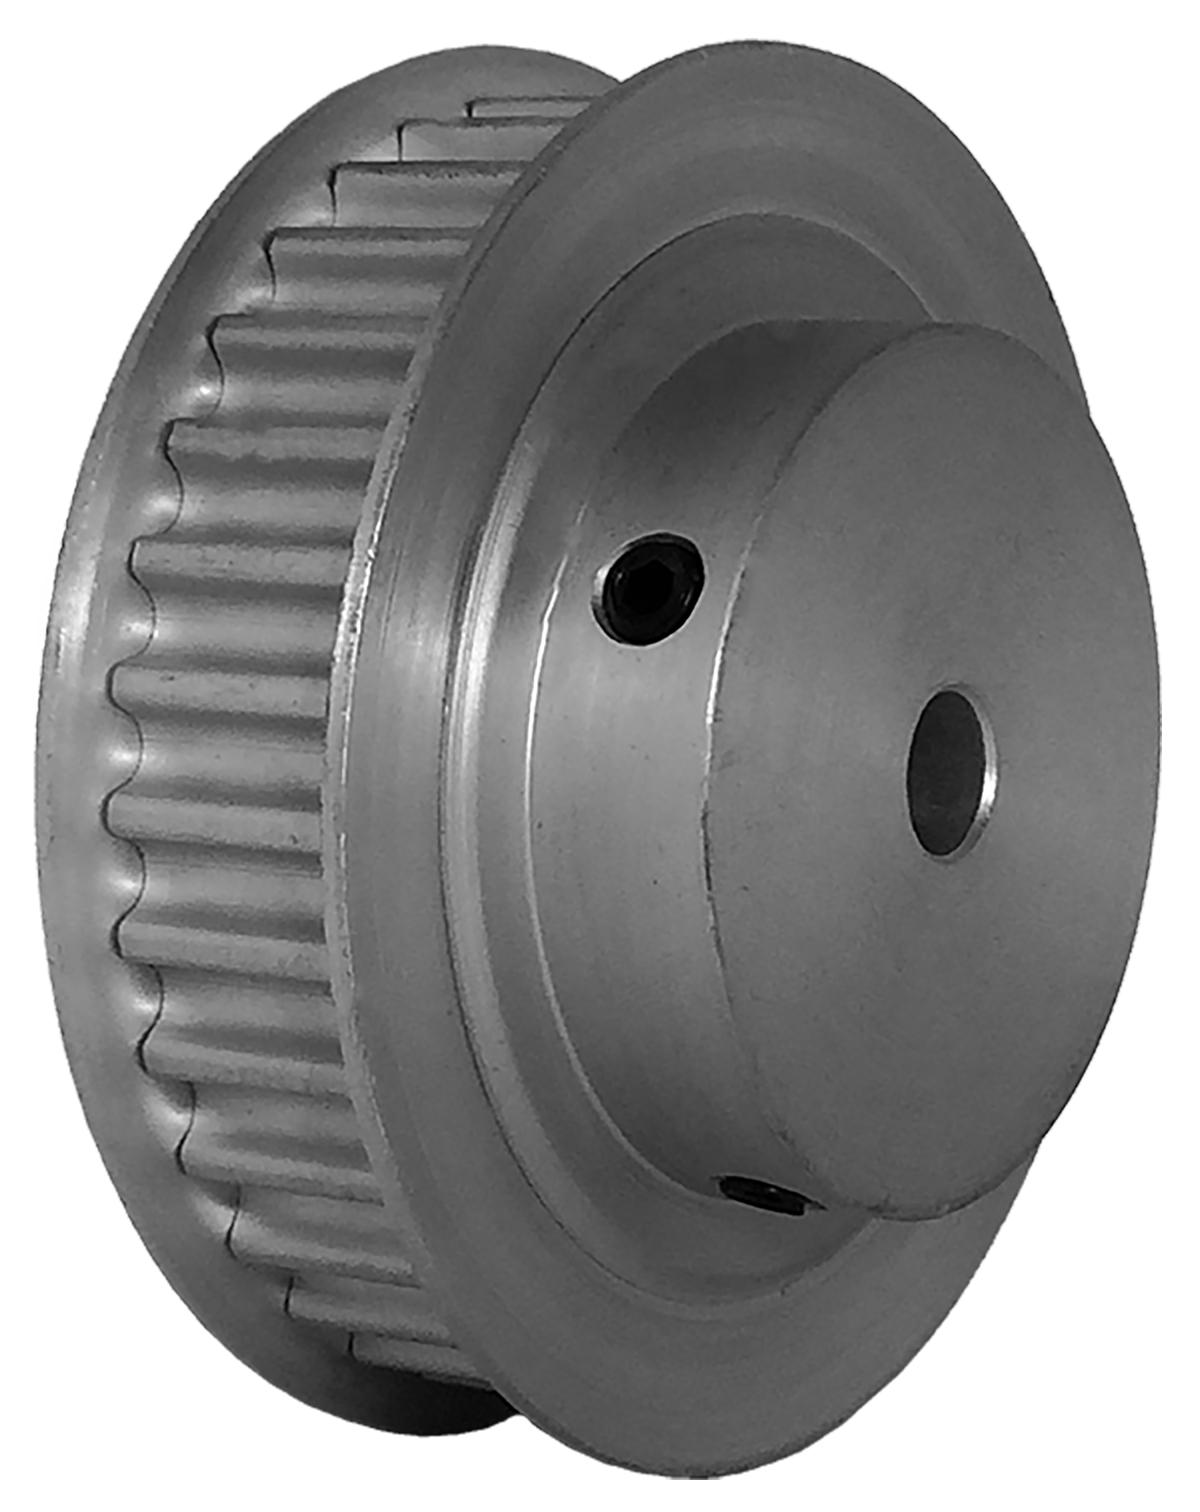 34-5P09-6FA3 - Aluminum Powerhouse® Pulleys